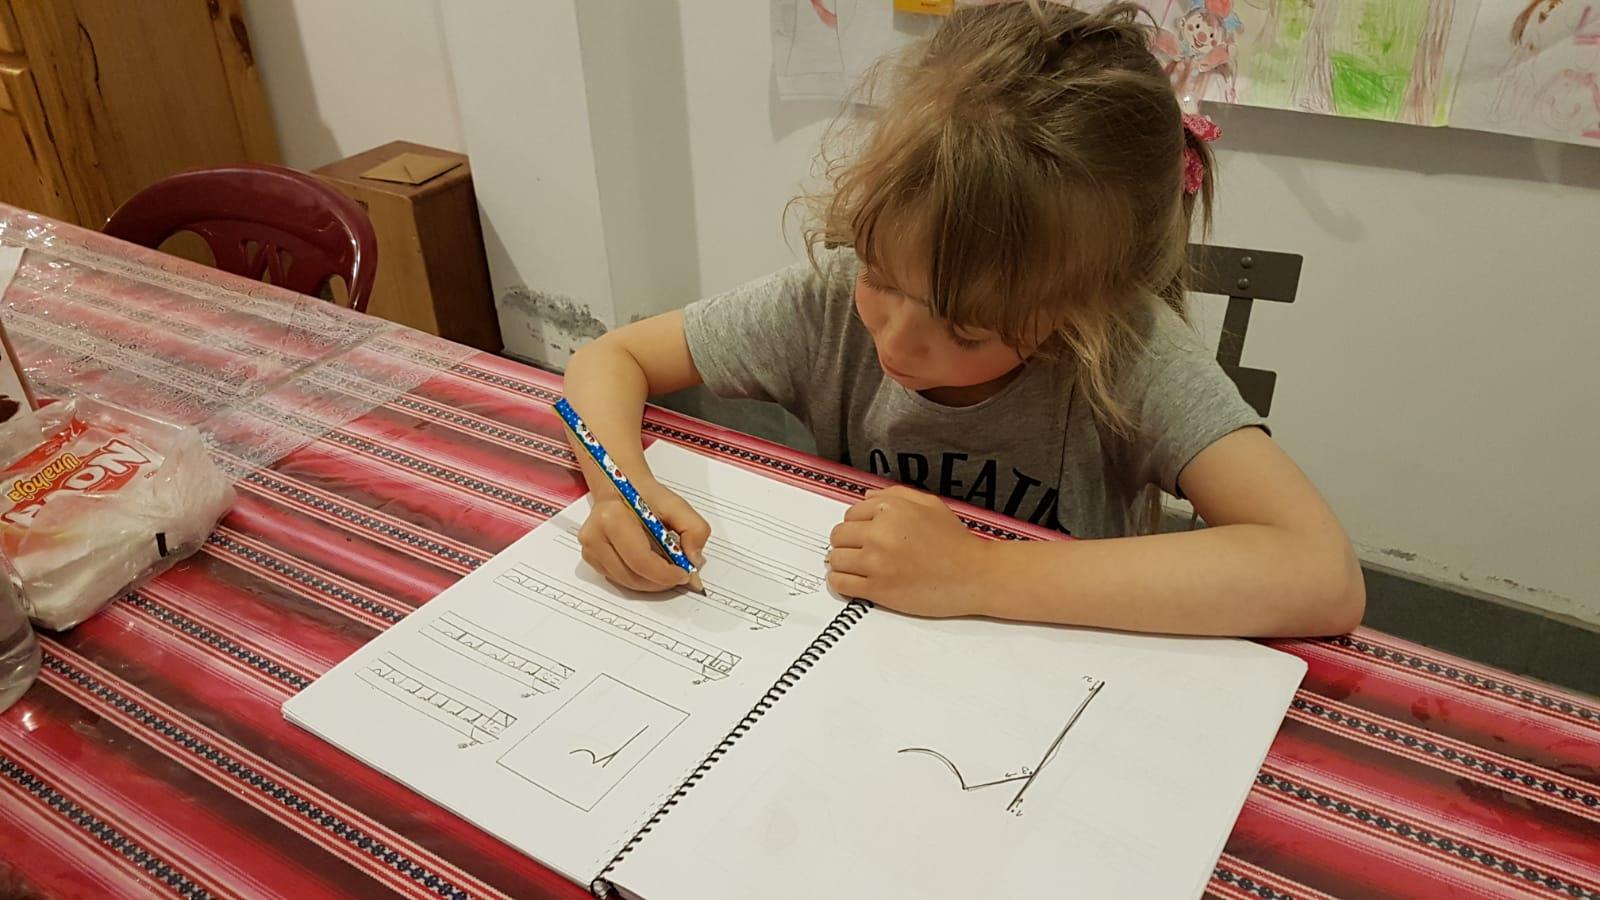 Buchstaben in Schreibschrift werden geübt.